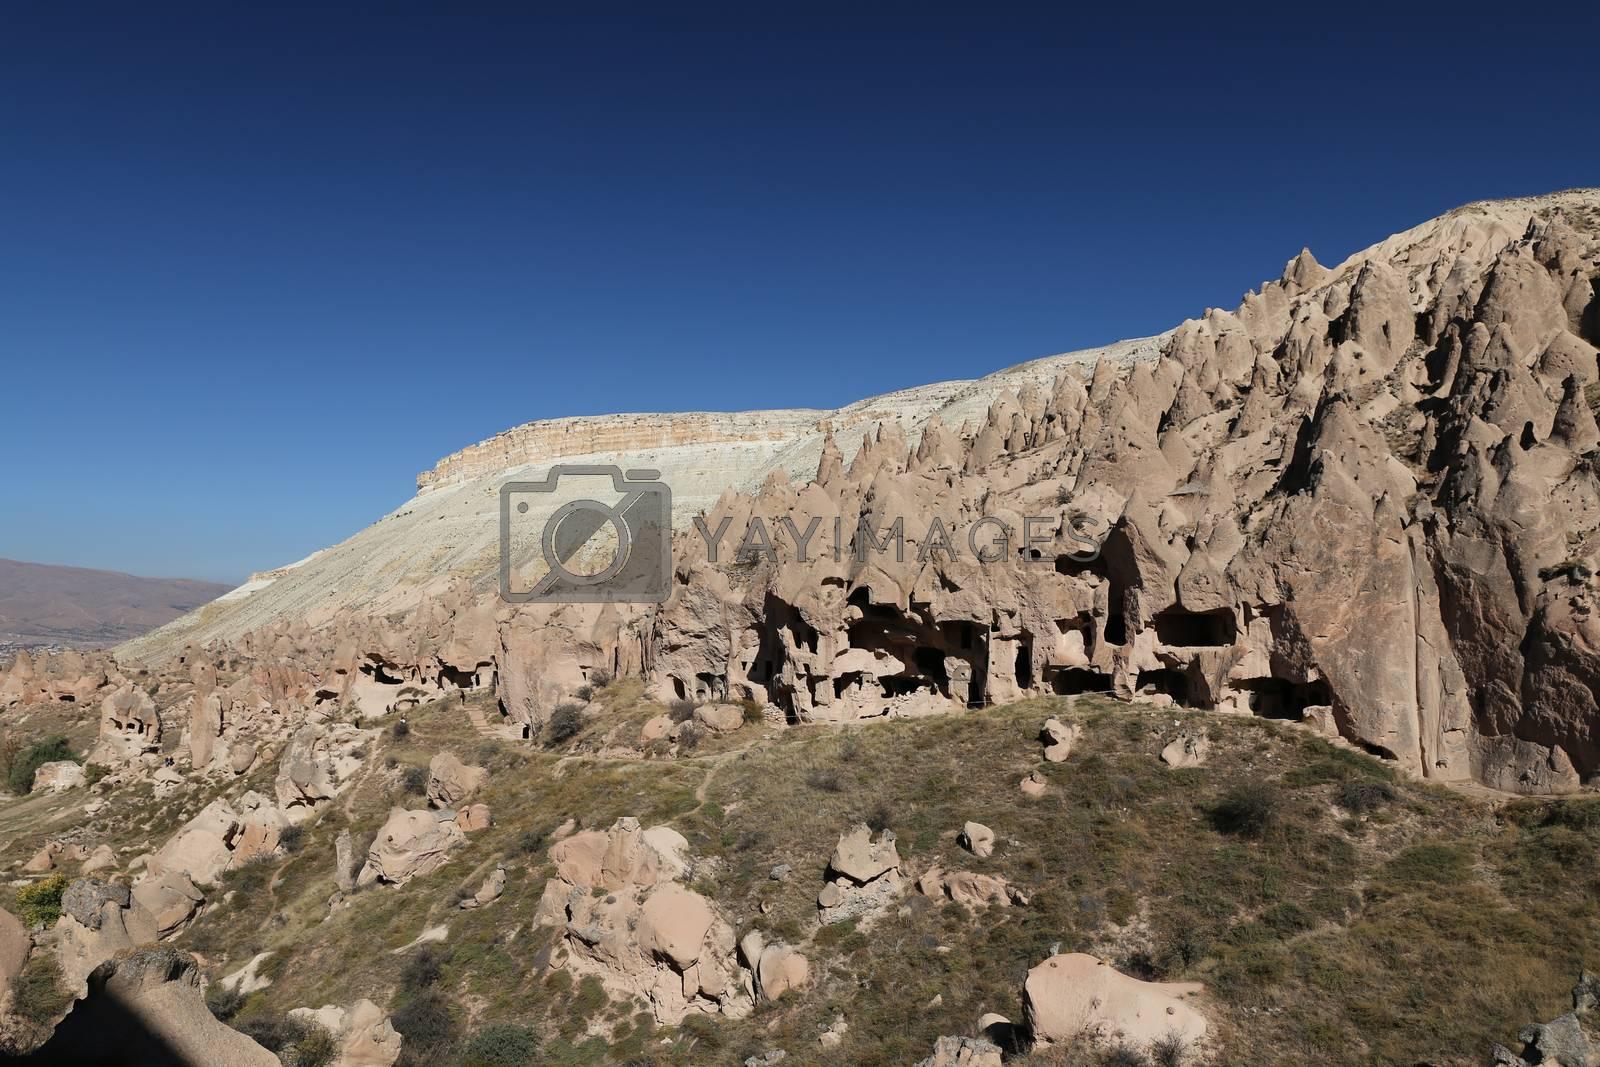 Rock Formations in Zelve Valley, Cappadocia, Nevsehir, Turkey by EvrenKalinbacak